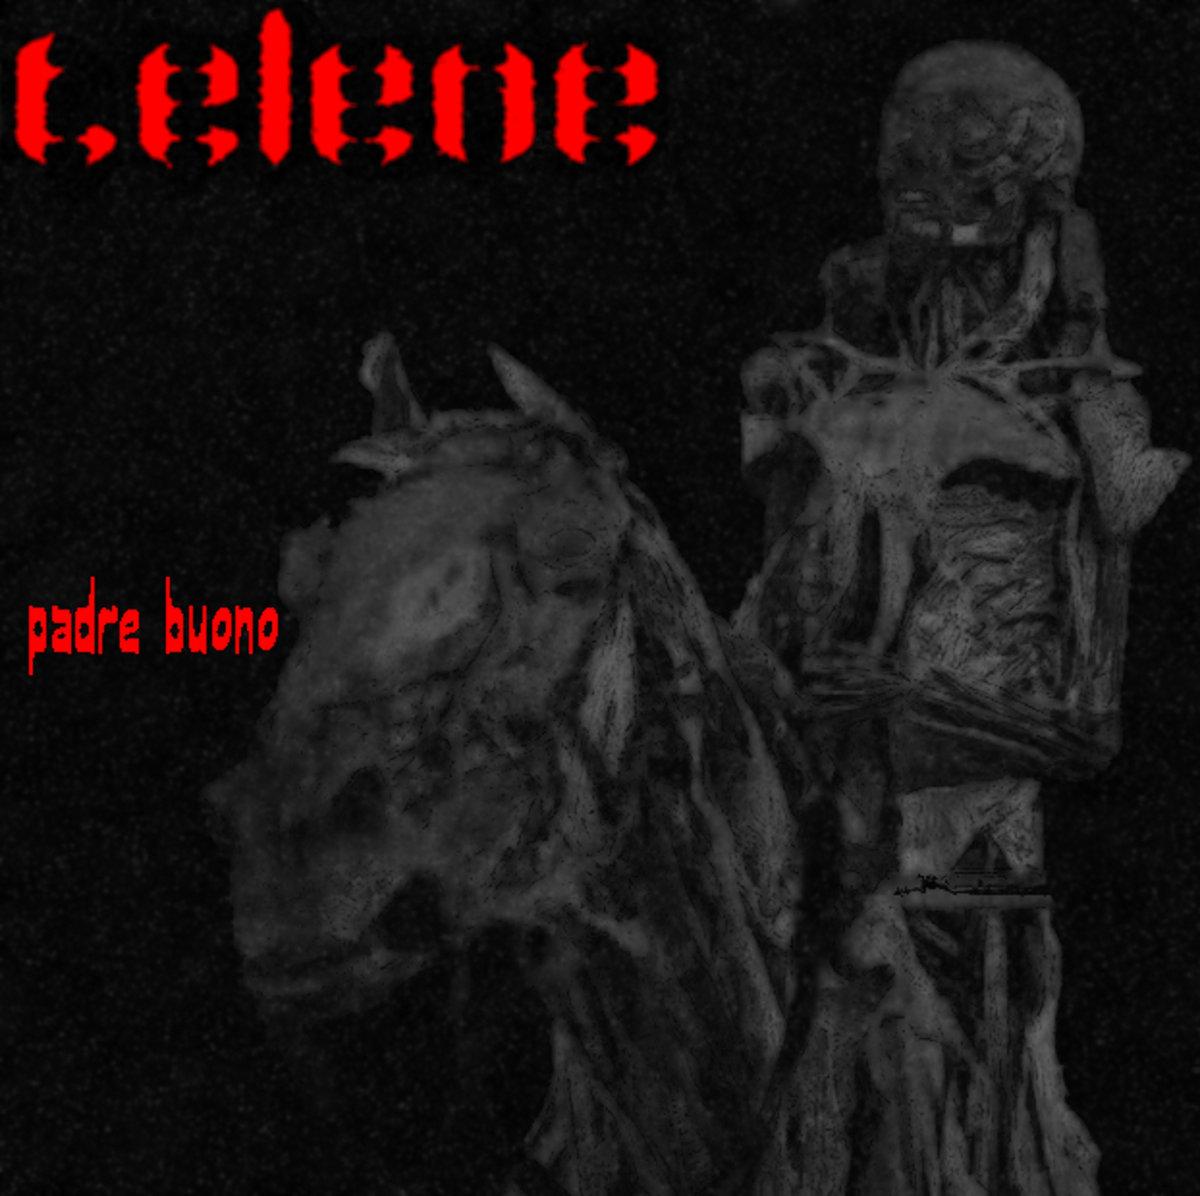 Versilianblacknoise > Telene Padre Buono (2017)